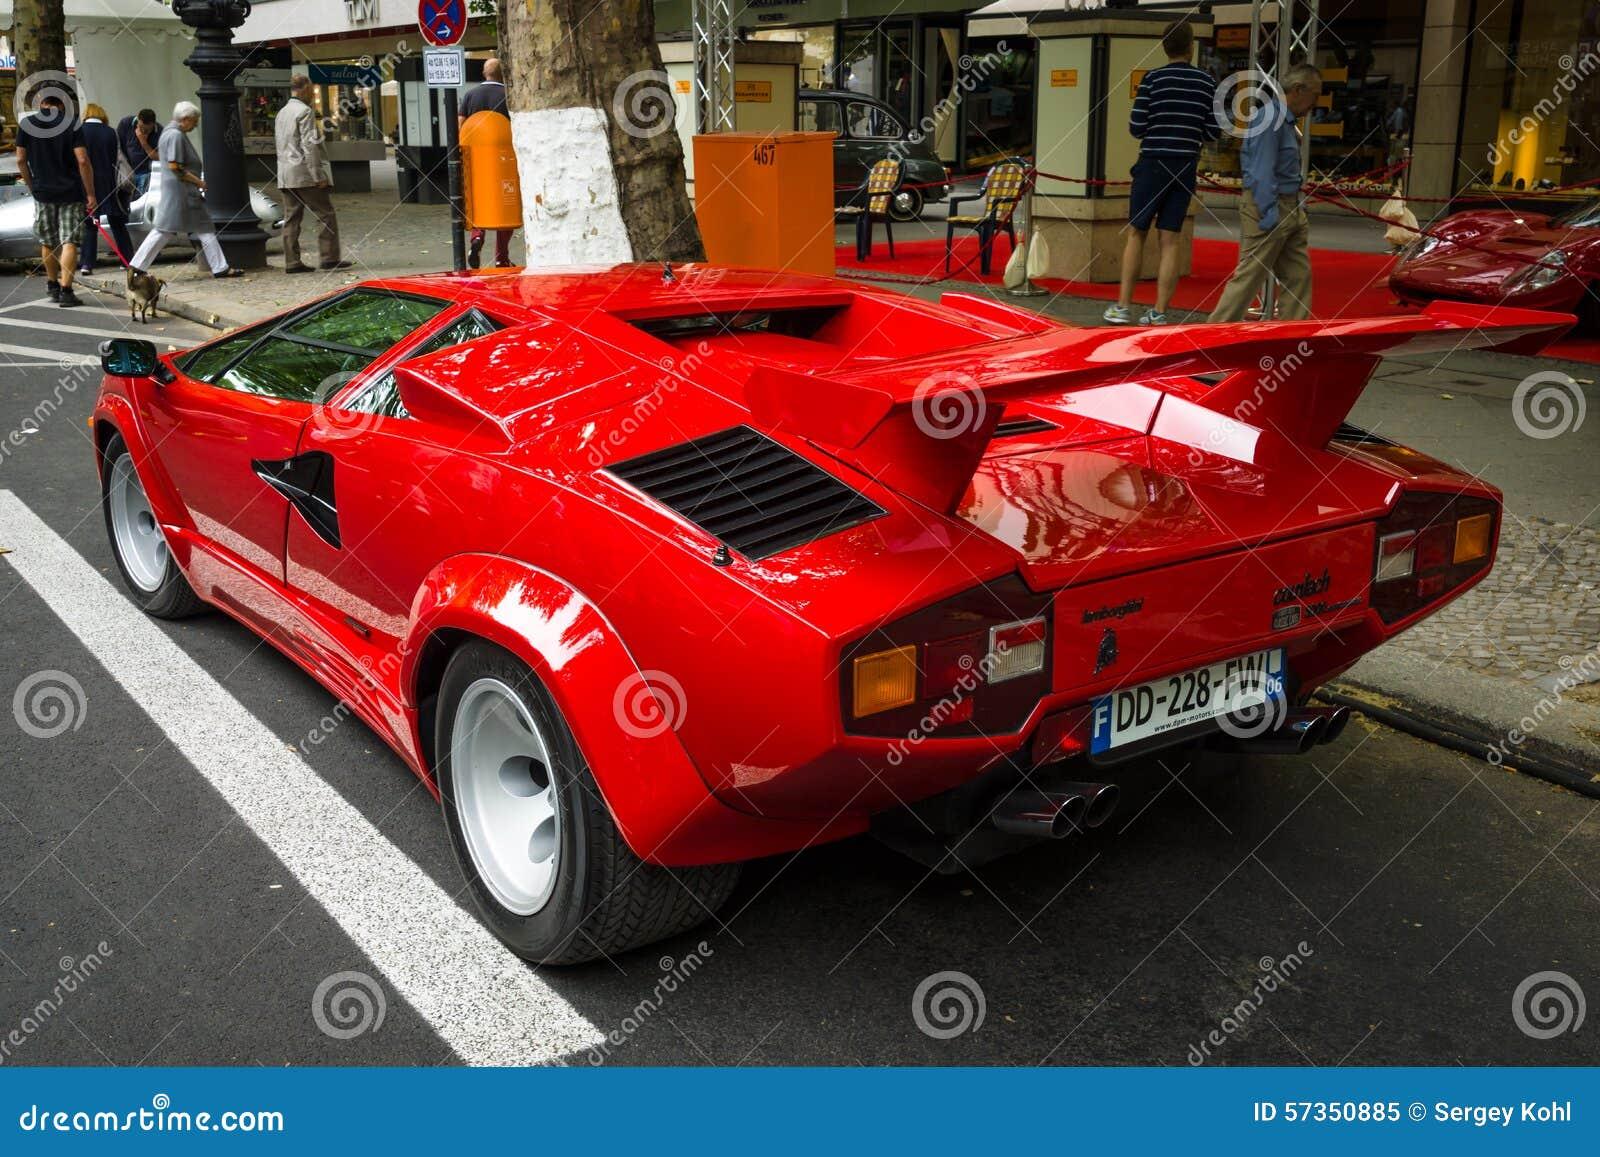 Luxury Sports Car Lamborghini Countach 5000 Quattrovalvole Editorial Image